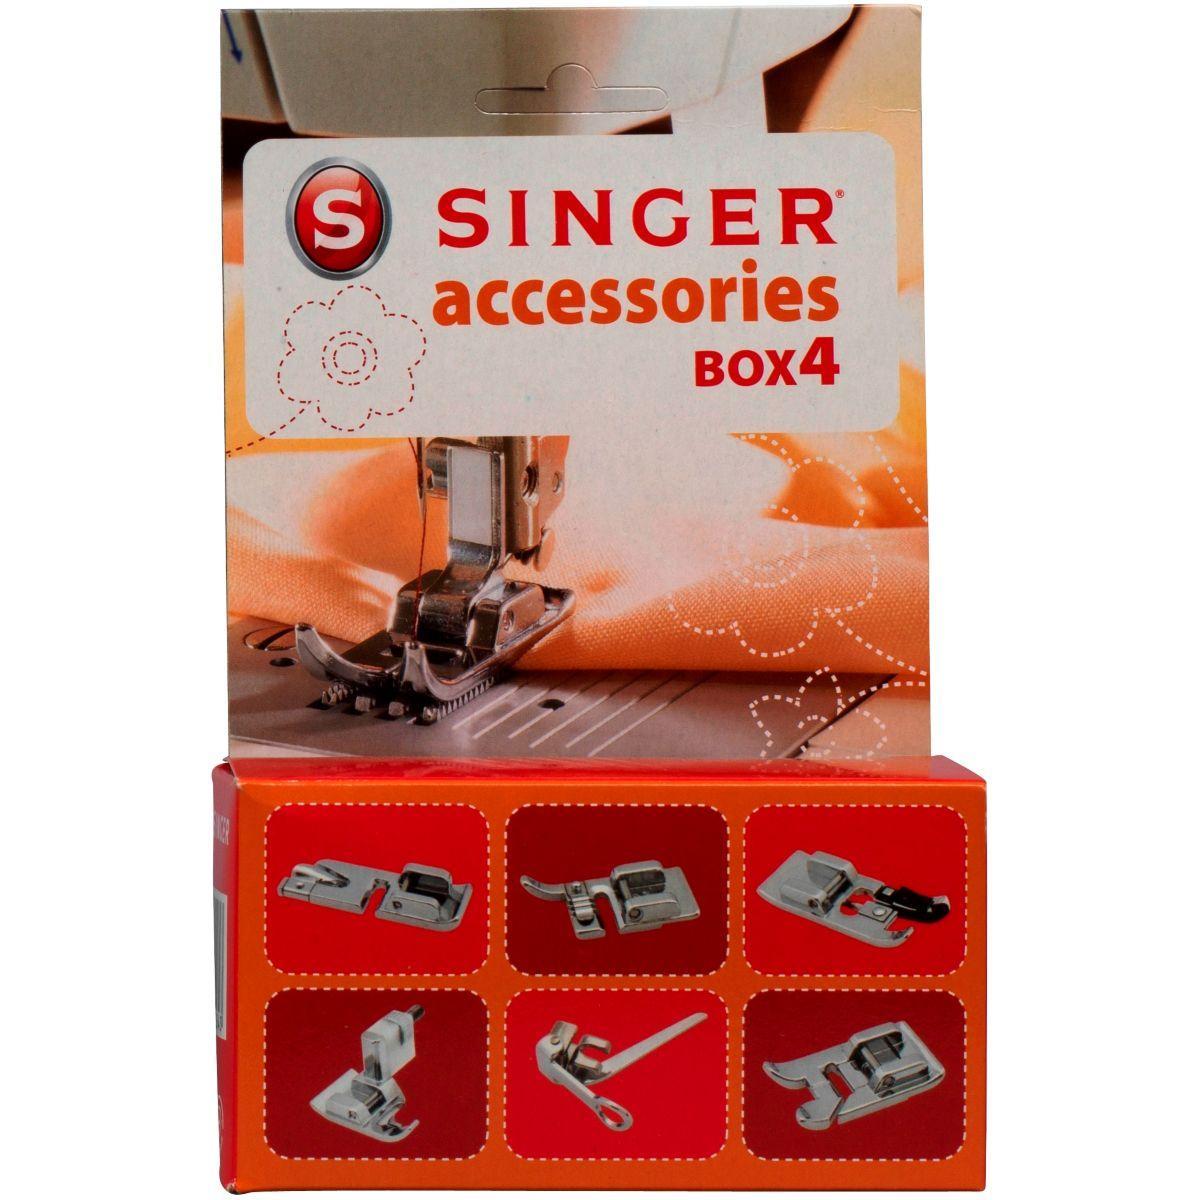 Ciseaux singer box4 - 20% de remise imm�diate avec le code : cadeau20 (photo)